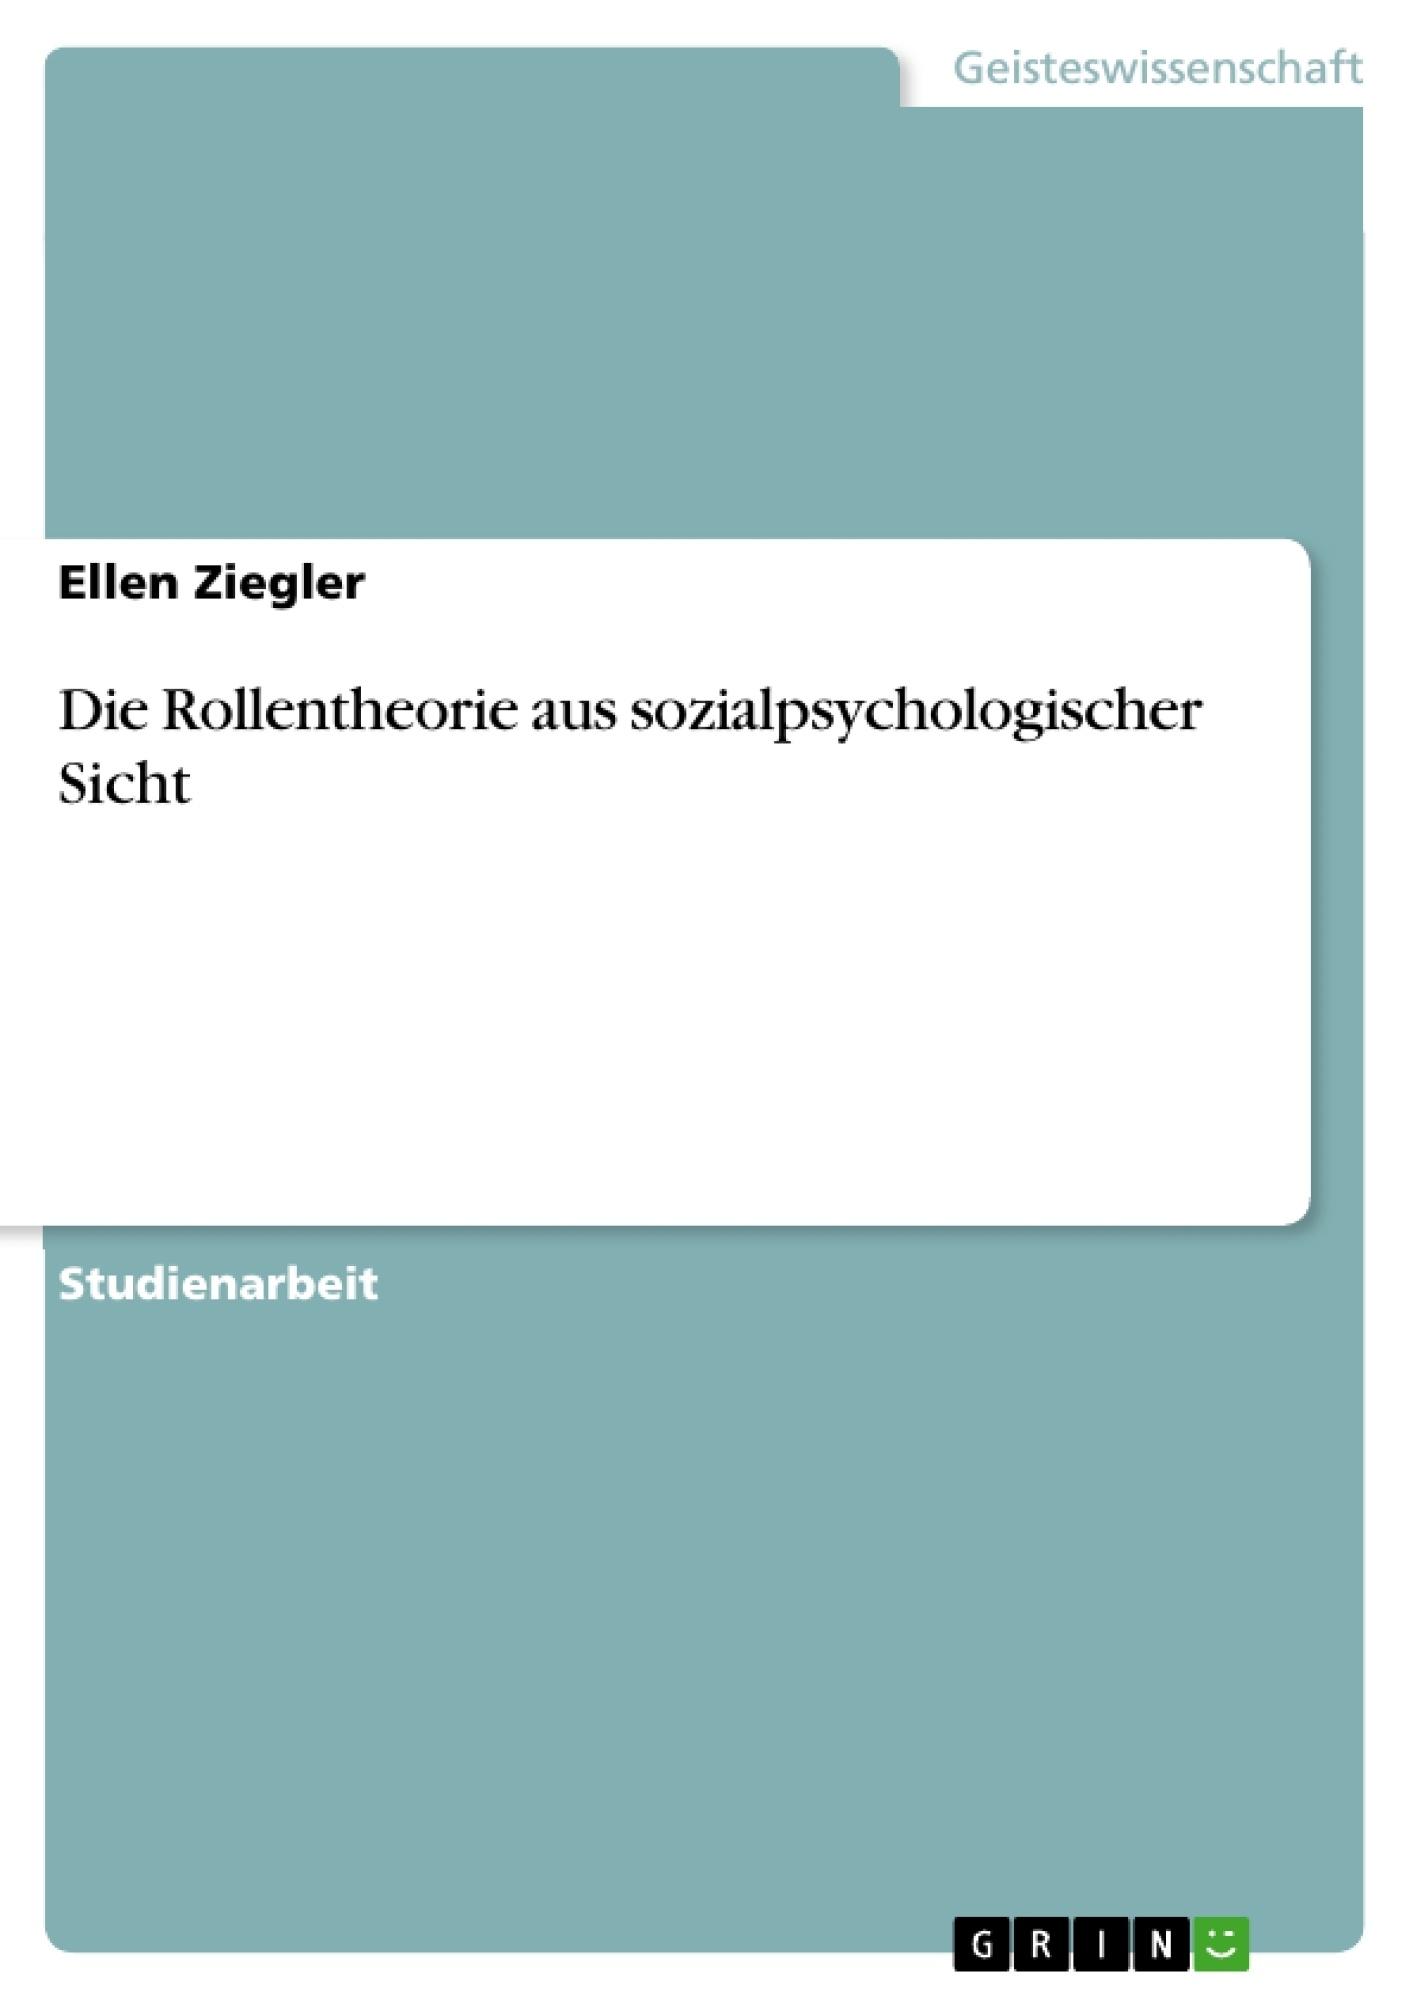 Titel: Die Rollentheorie aus sozialpsychologischer Sicht